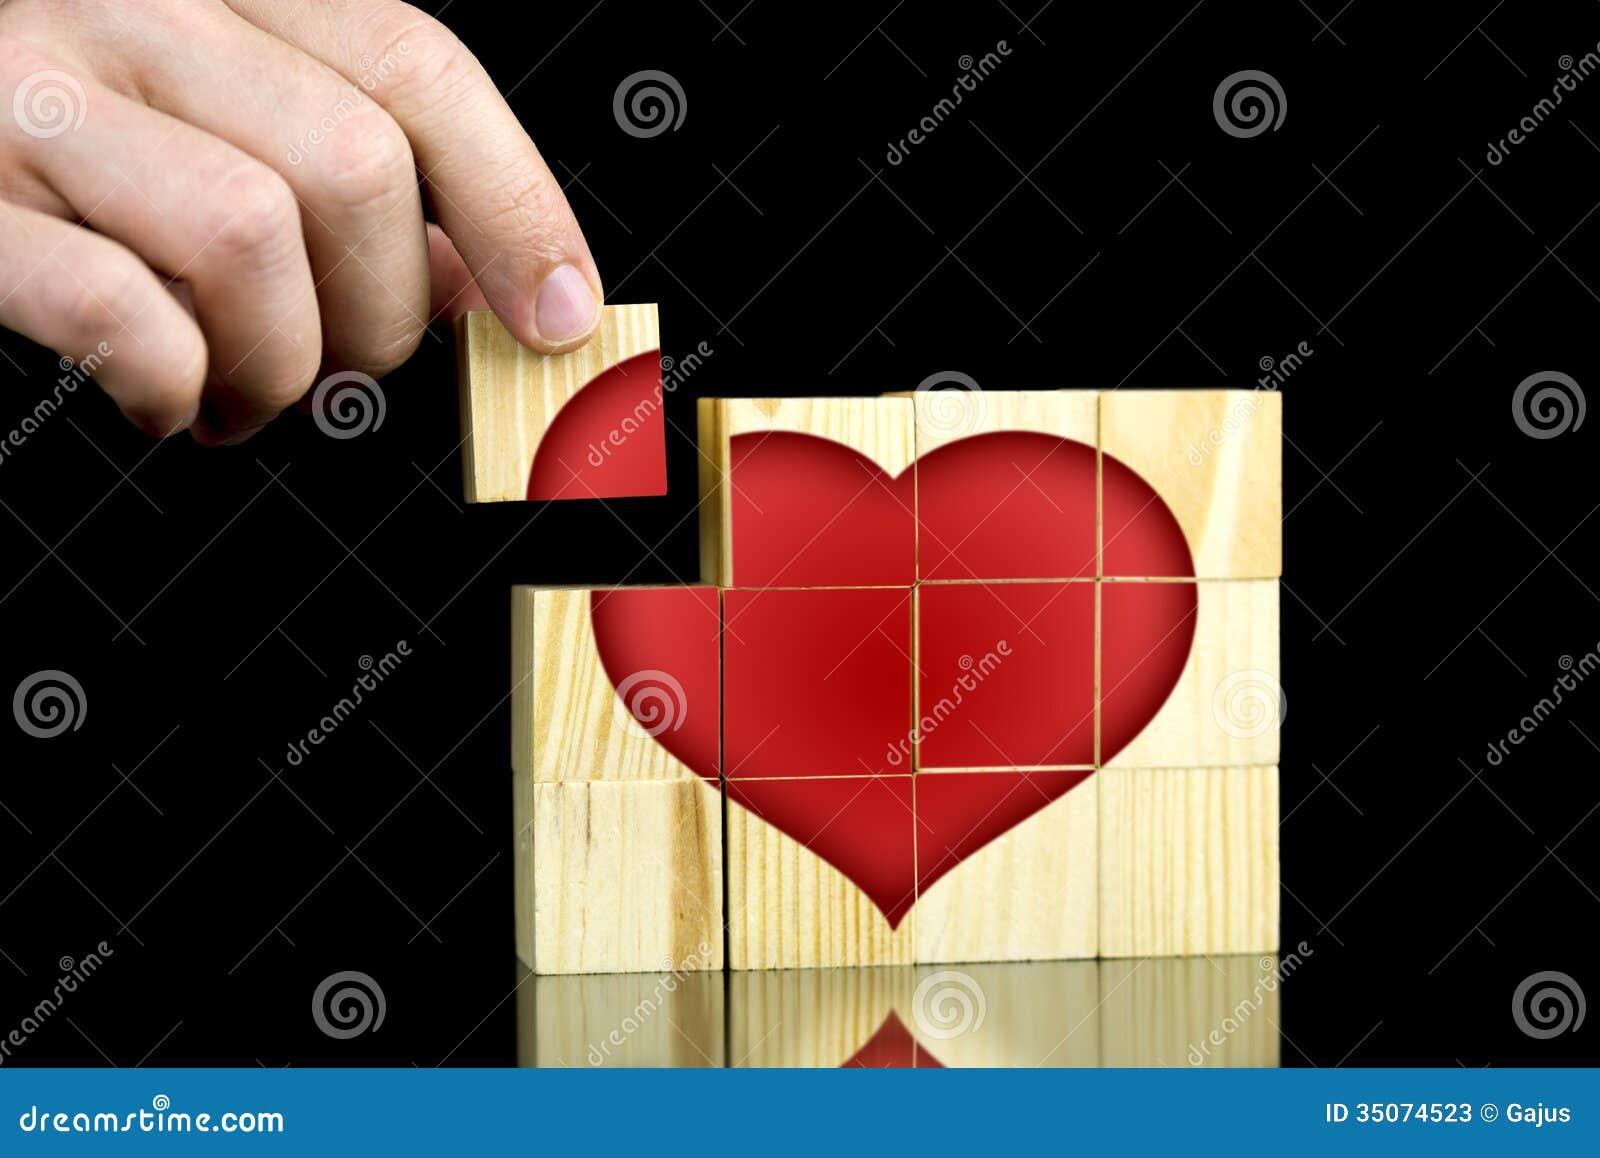 Finden von Liebe